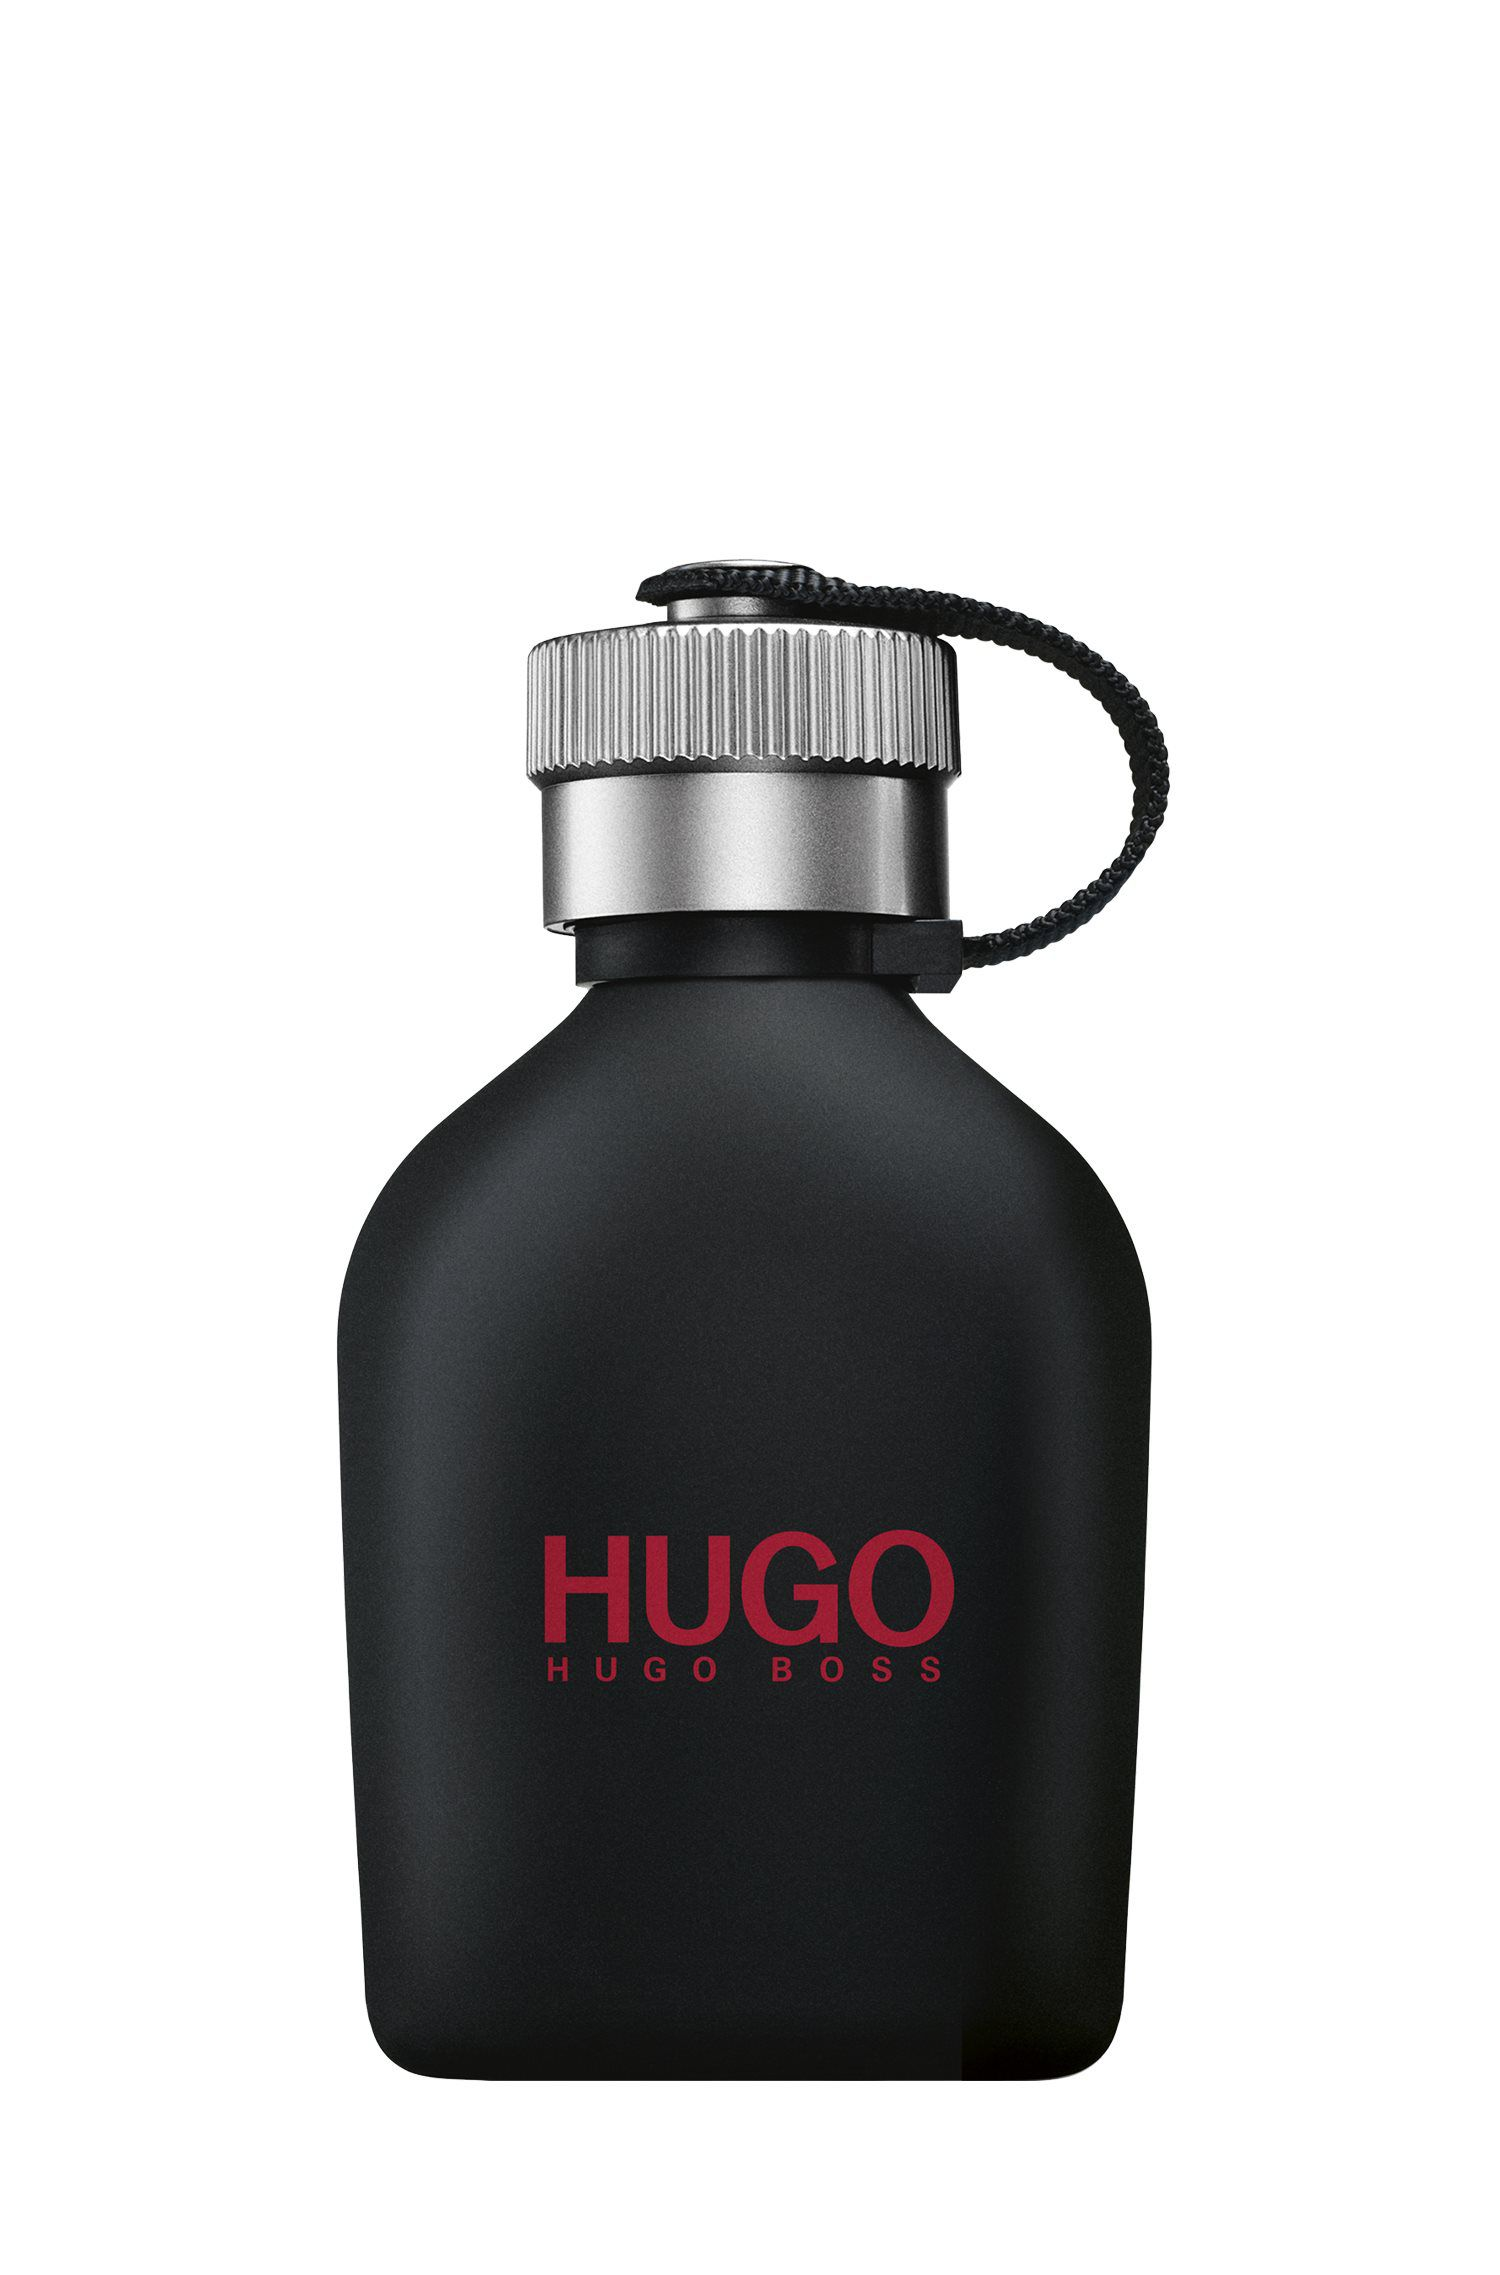 HUGO Just Different eau de toilette 75ml, Assorted-Pre-Pack